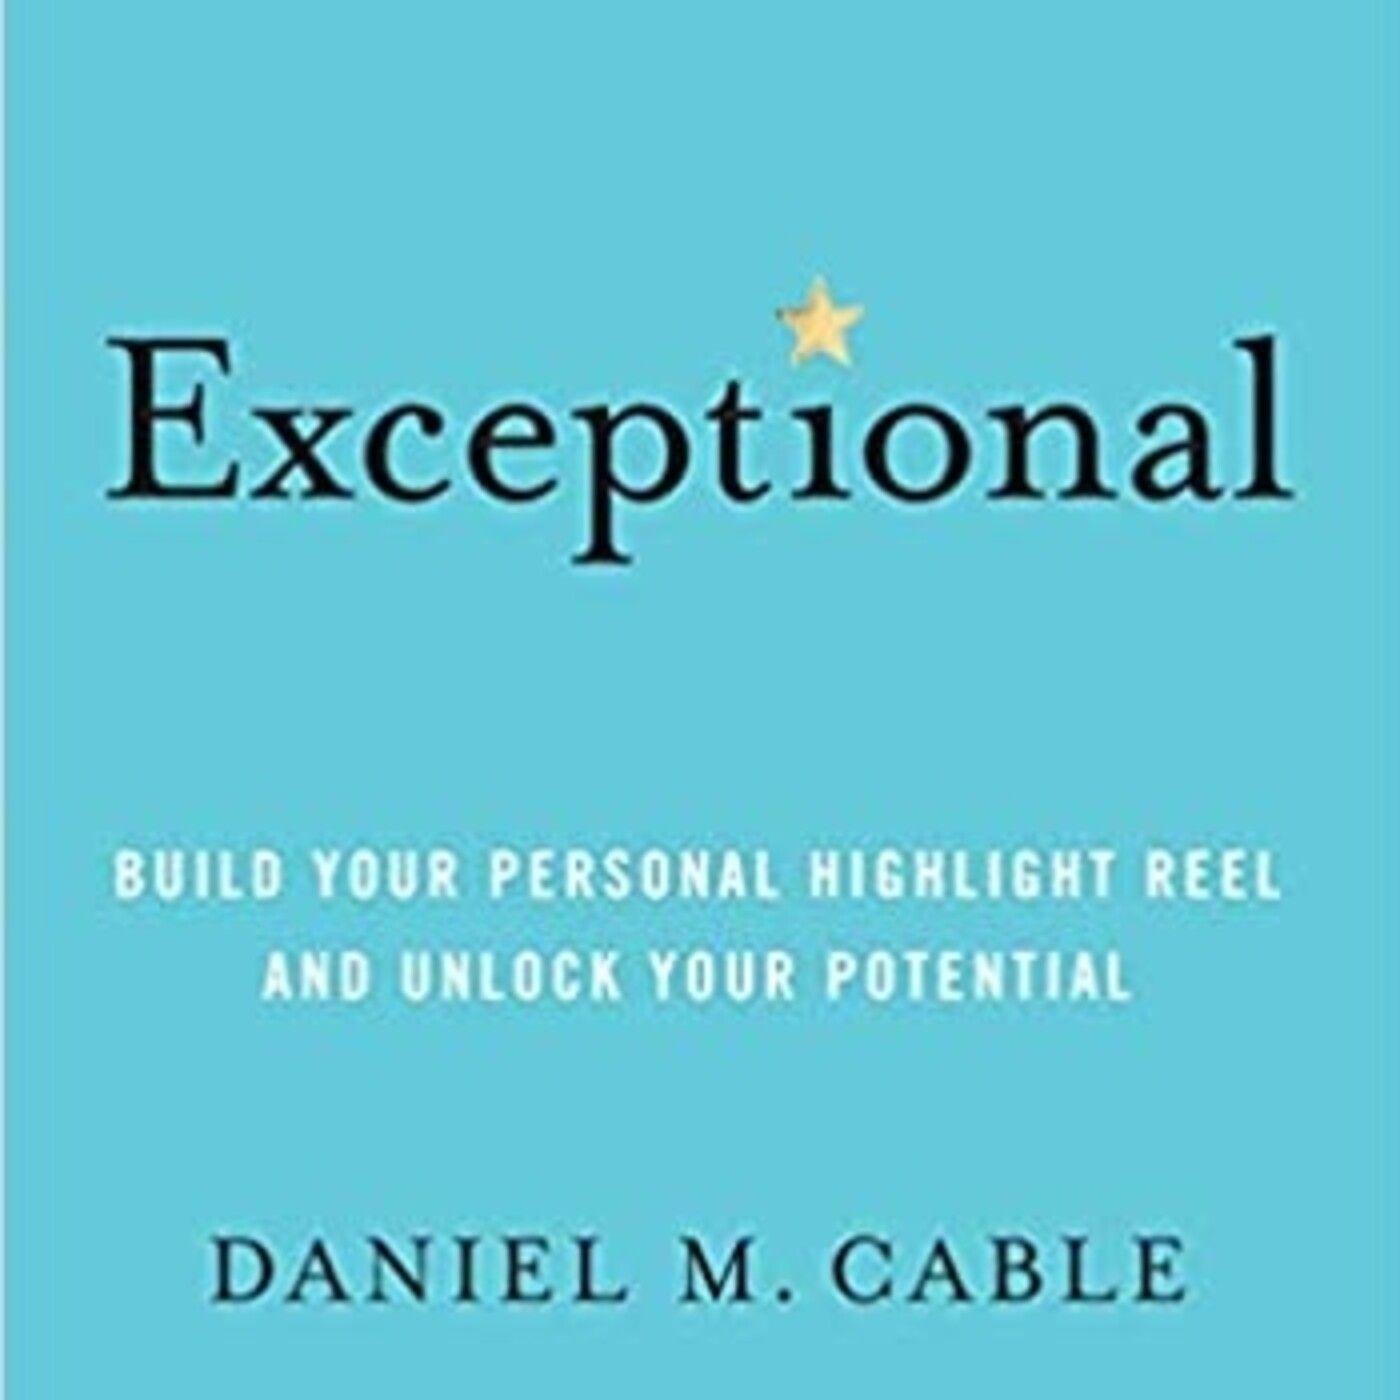 222 - El Habito de Ser Excepcional